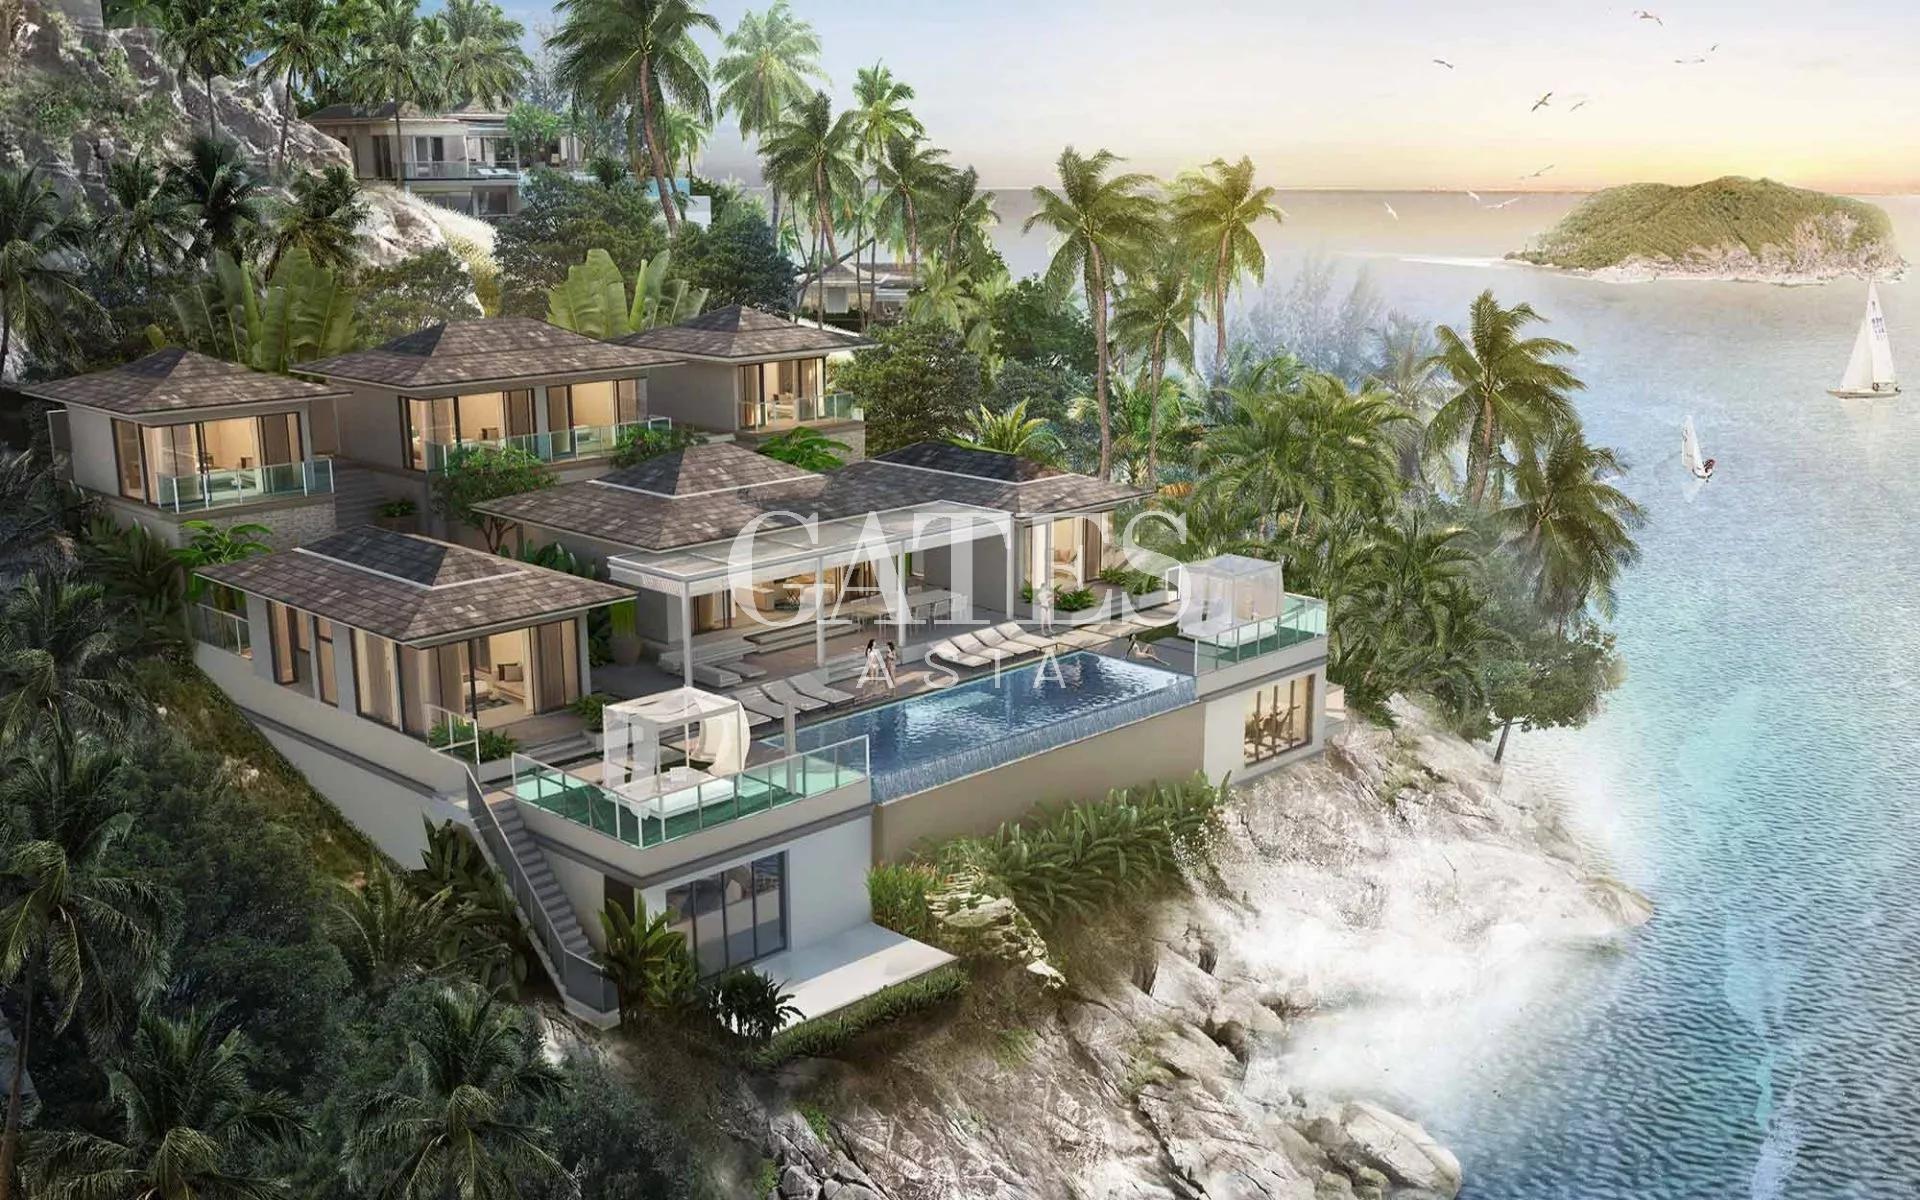 4-BEDROOM OCEANFRONT VILLA IN KOH PHANGAN